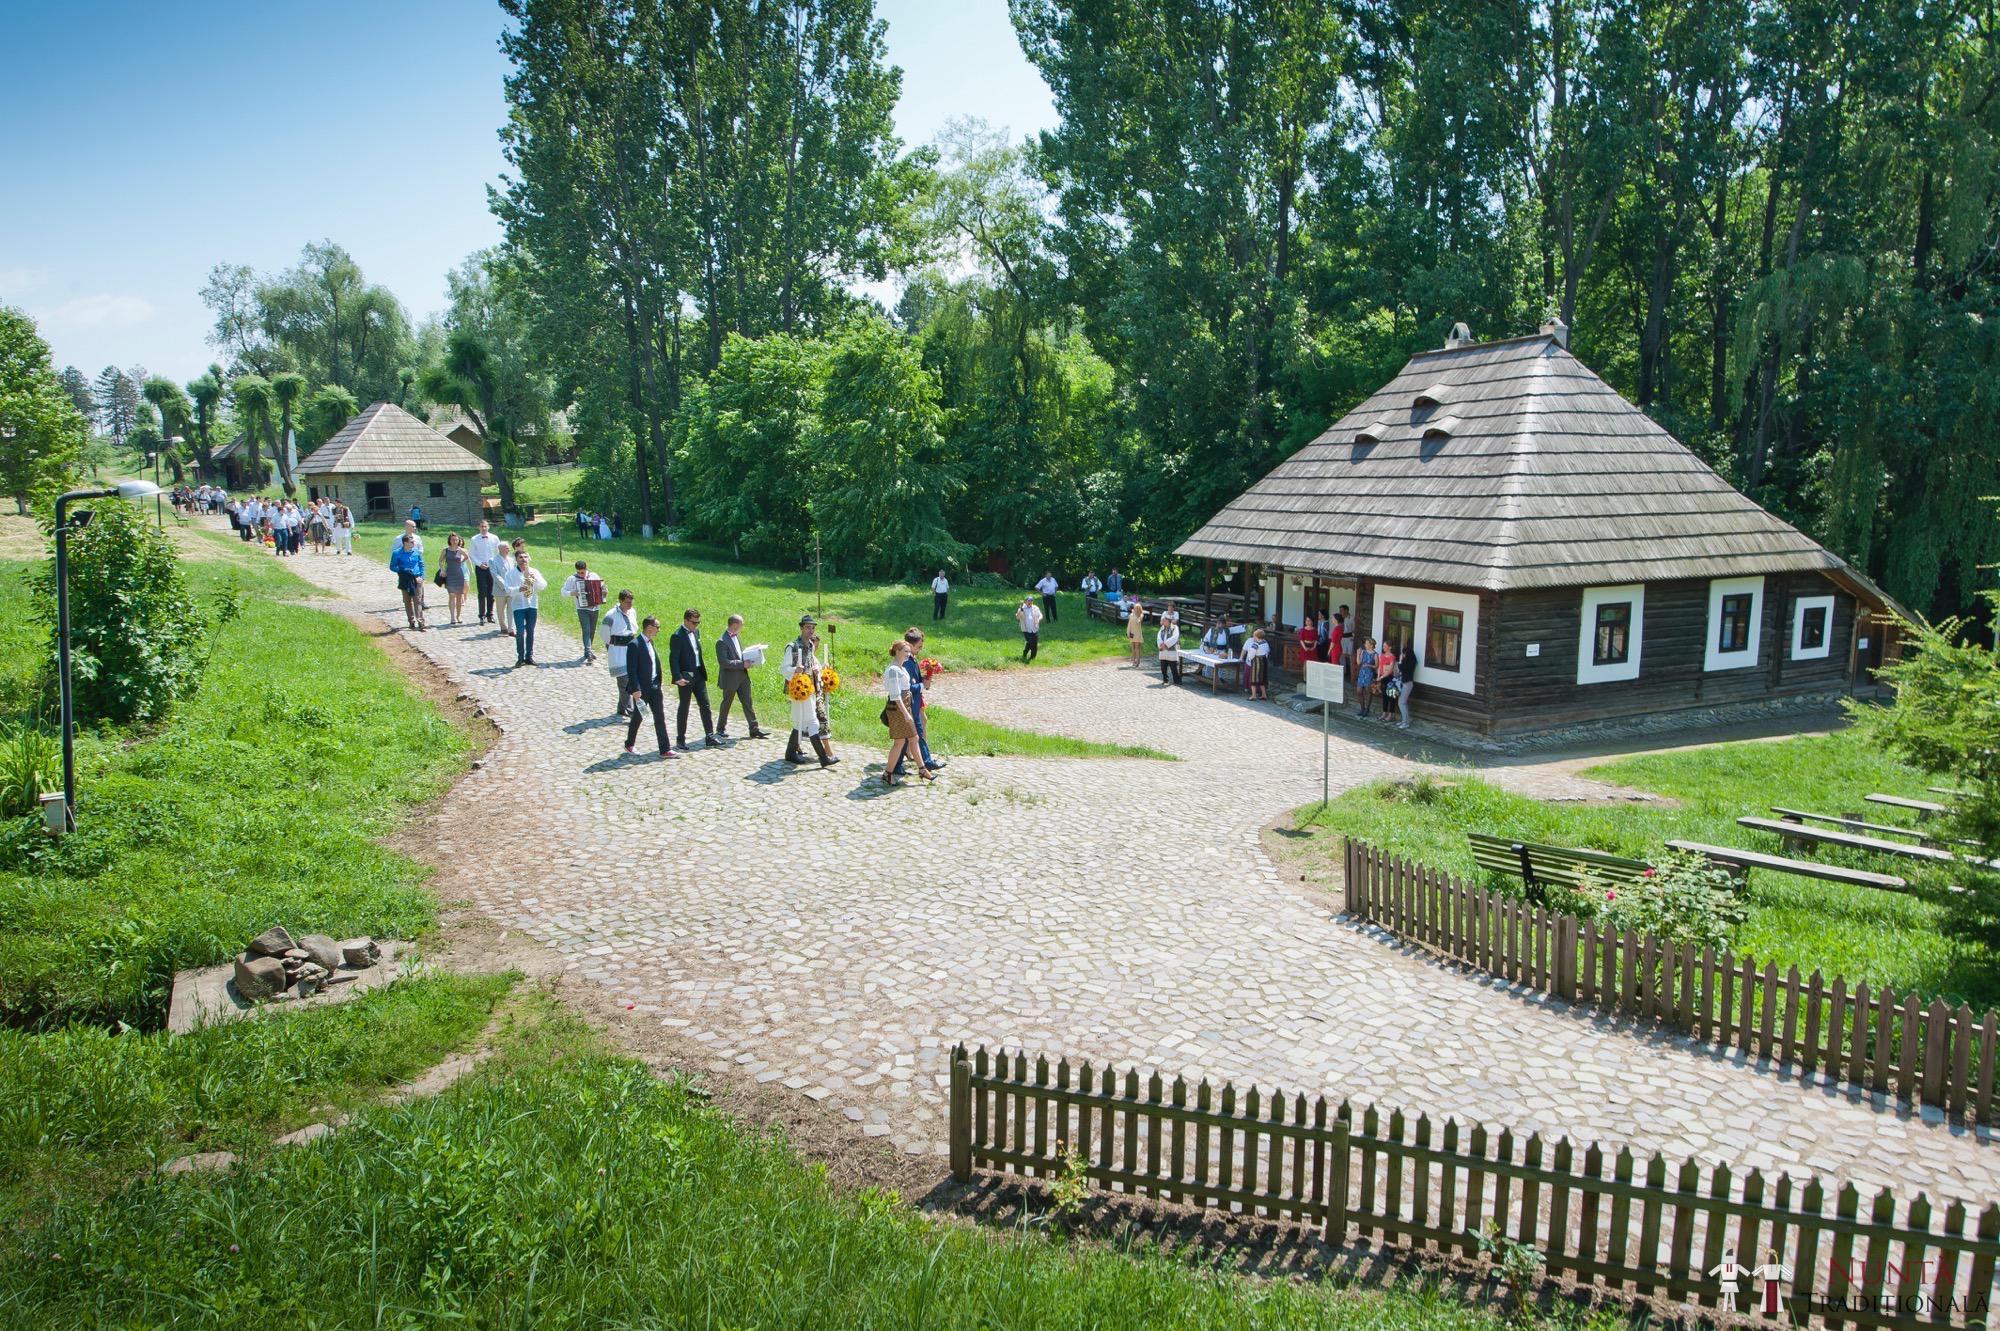 Povești Nunți Tradiționale - Gabriela și Mădălin - Nuntă Tradițională în Suceava, Bucovina 89